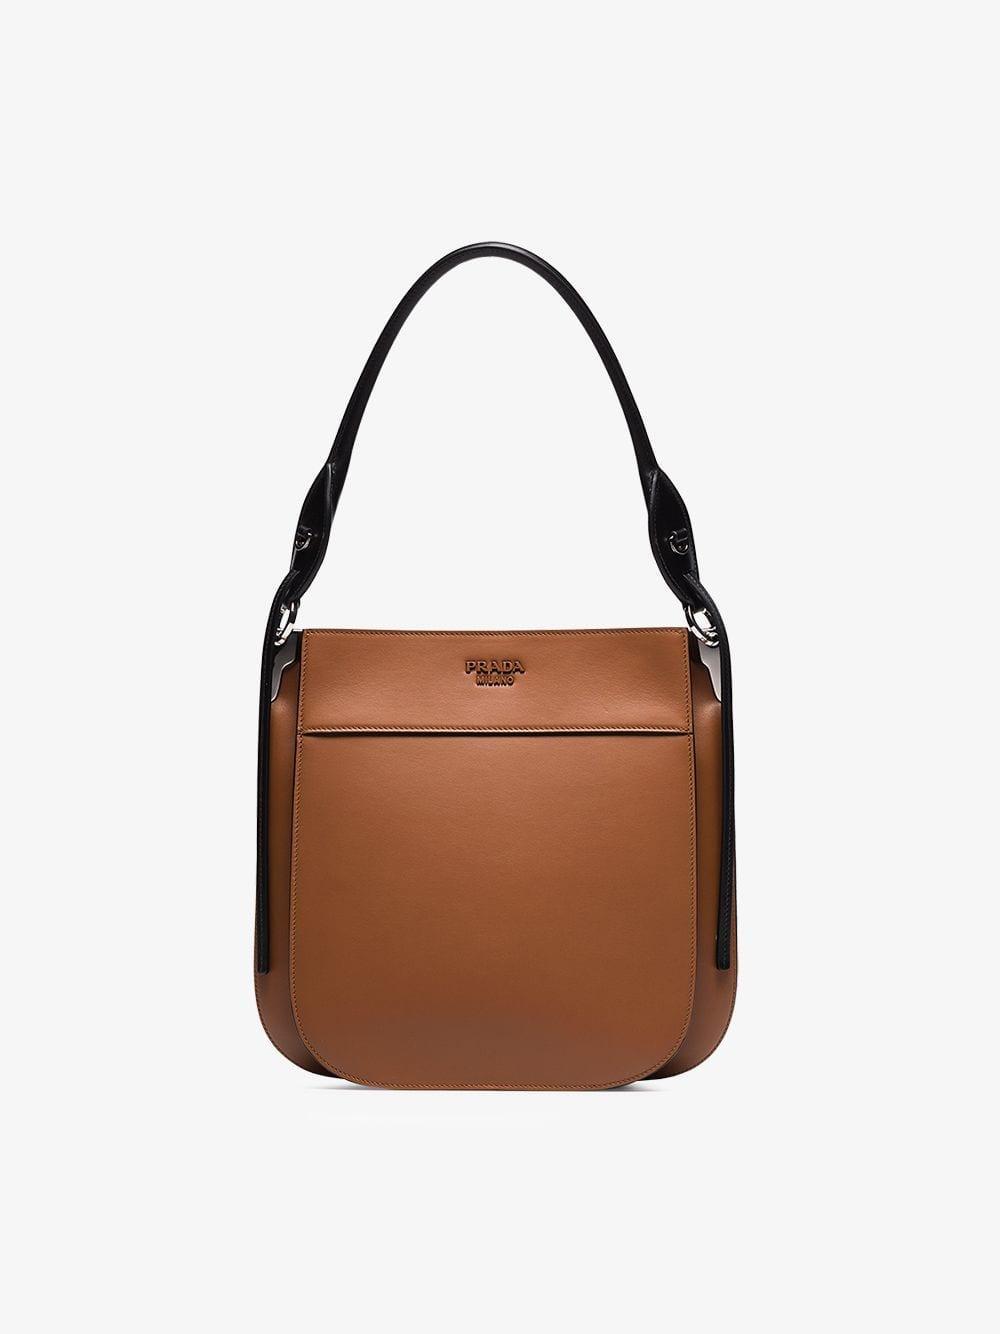 36301809ac75 Prada - Brown Margit Leather Shoulder Bag - Lyst. View fullscreen